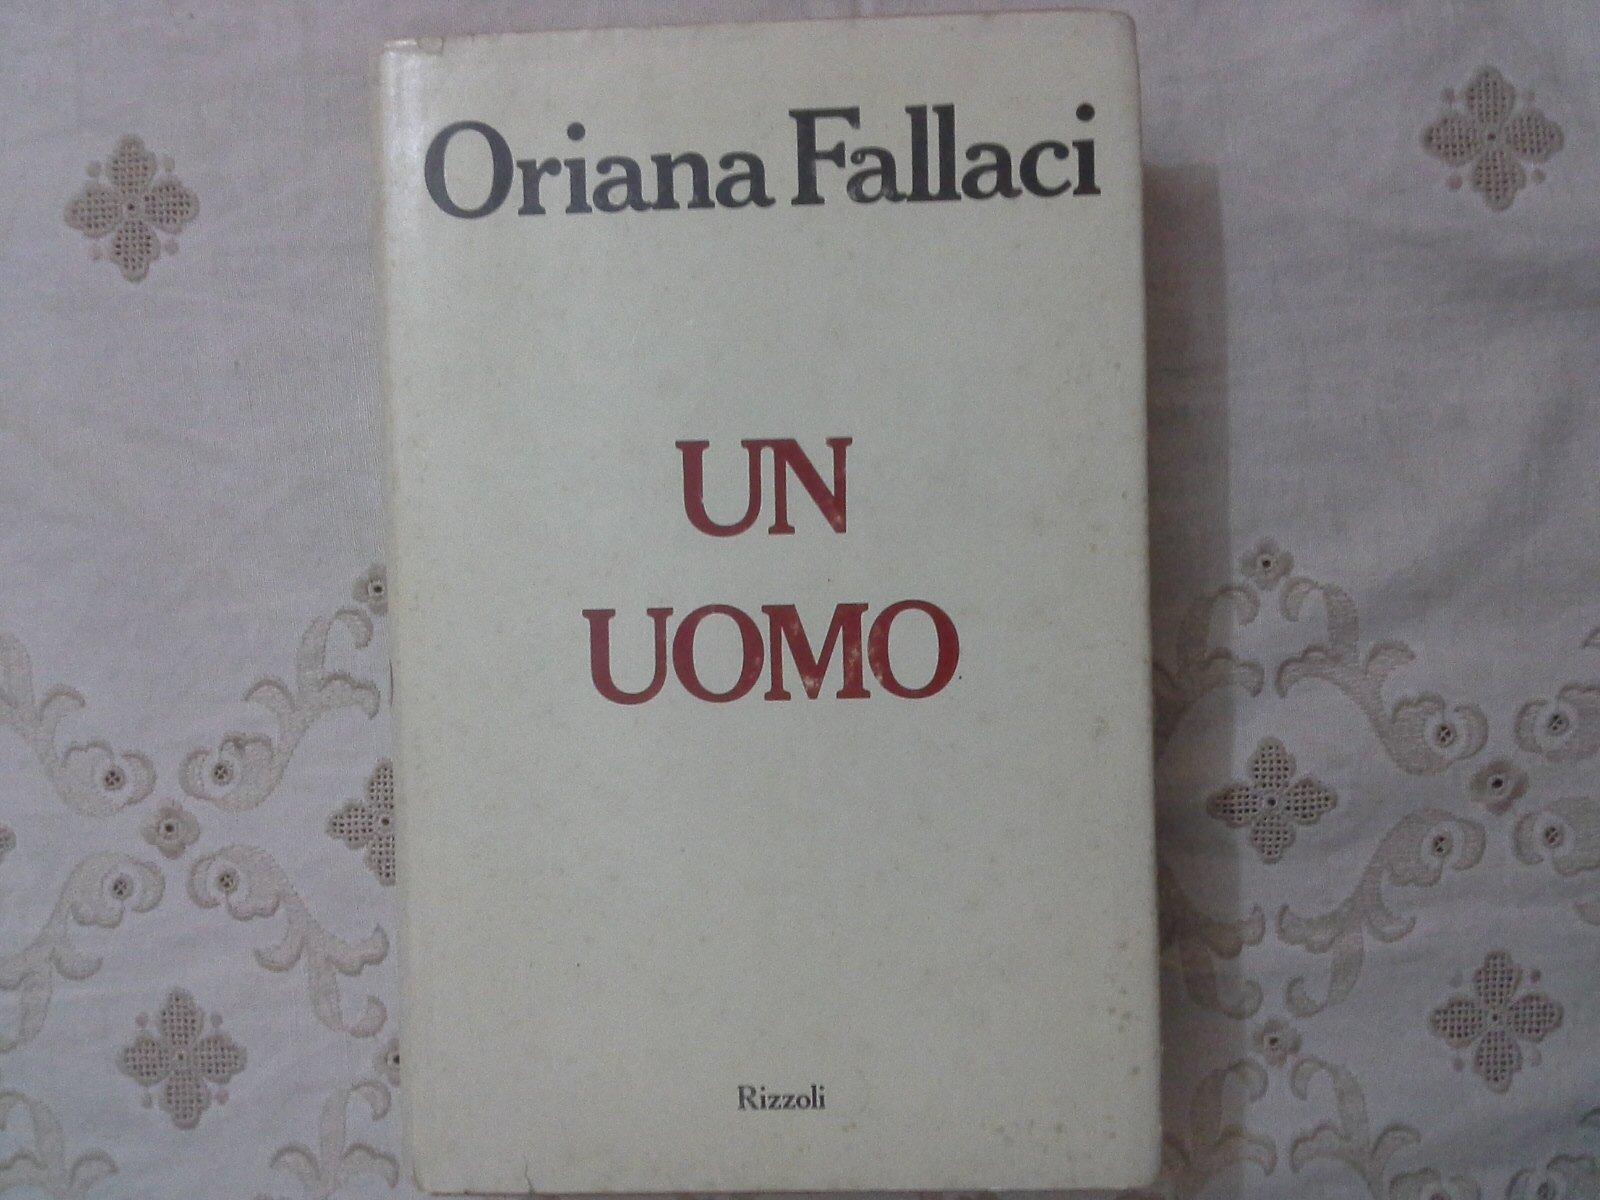 Amazon.it: Un uomo Oriana Fallaci - Oriana Fallaci - Libri